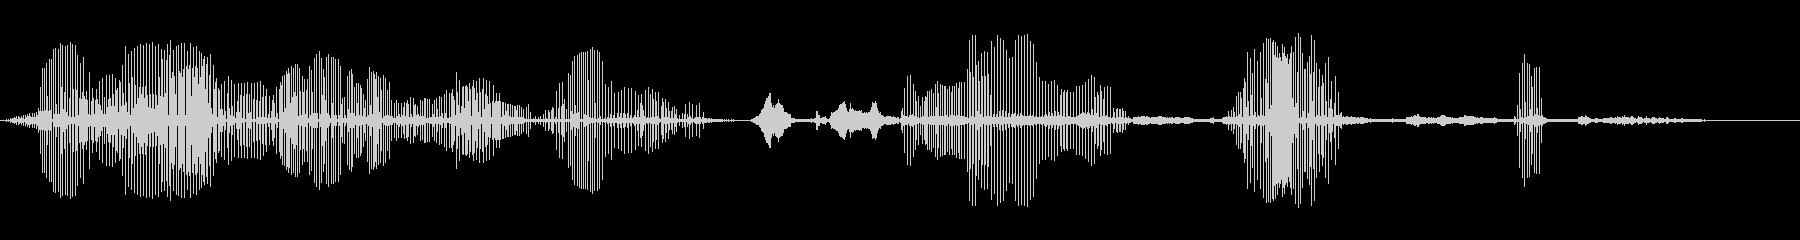 コウノトリ1の未再生の波形